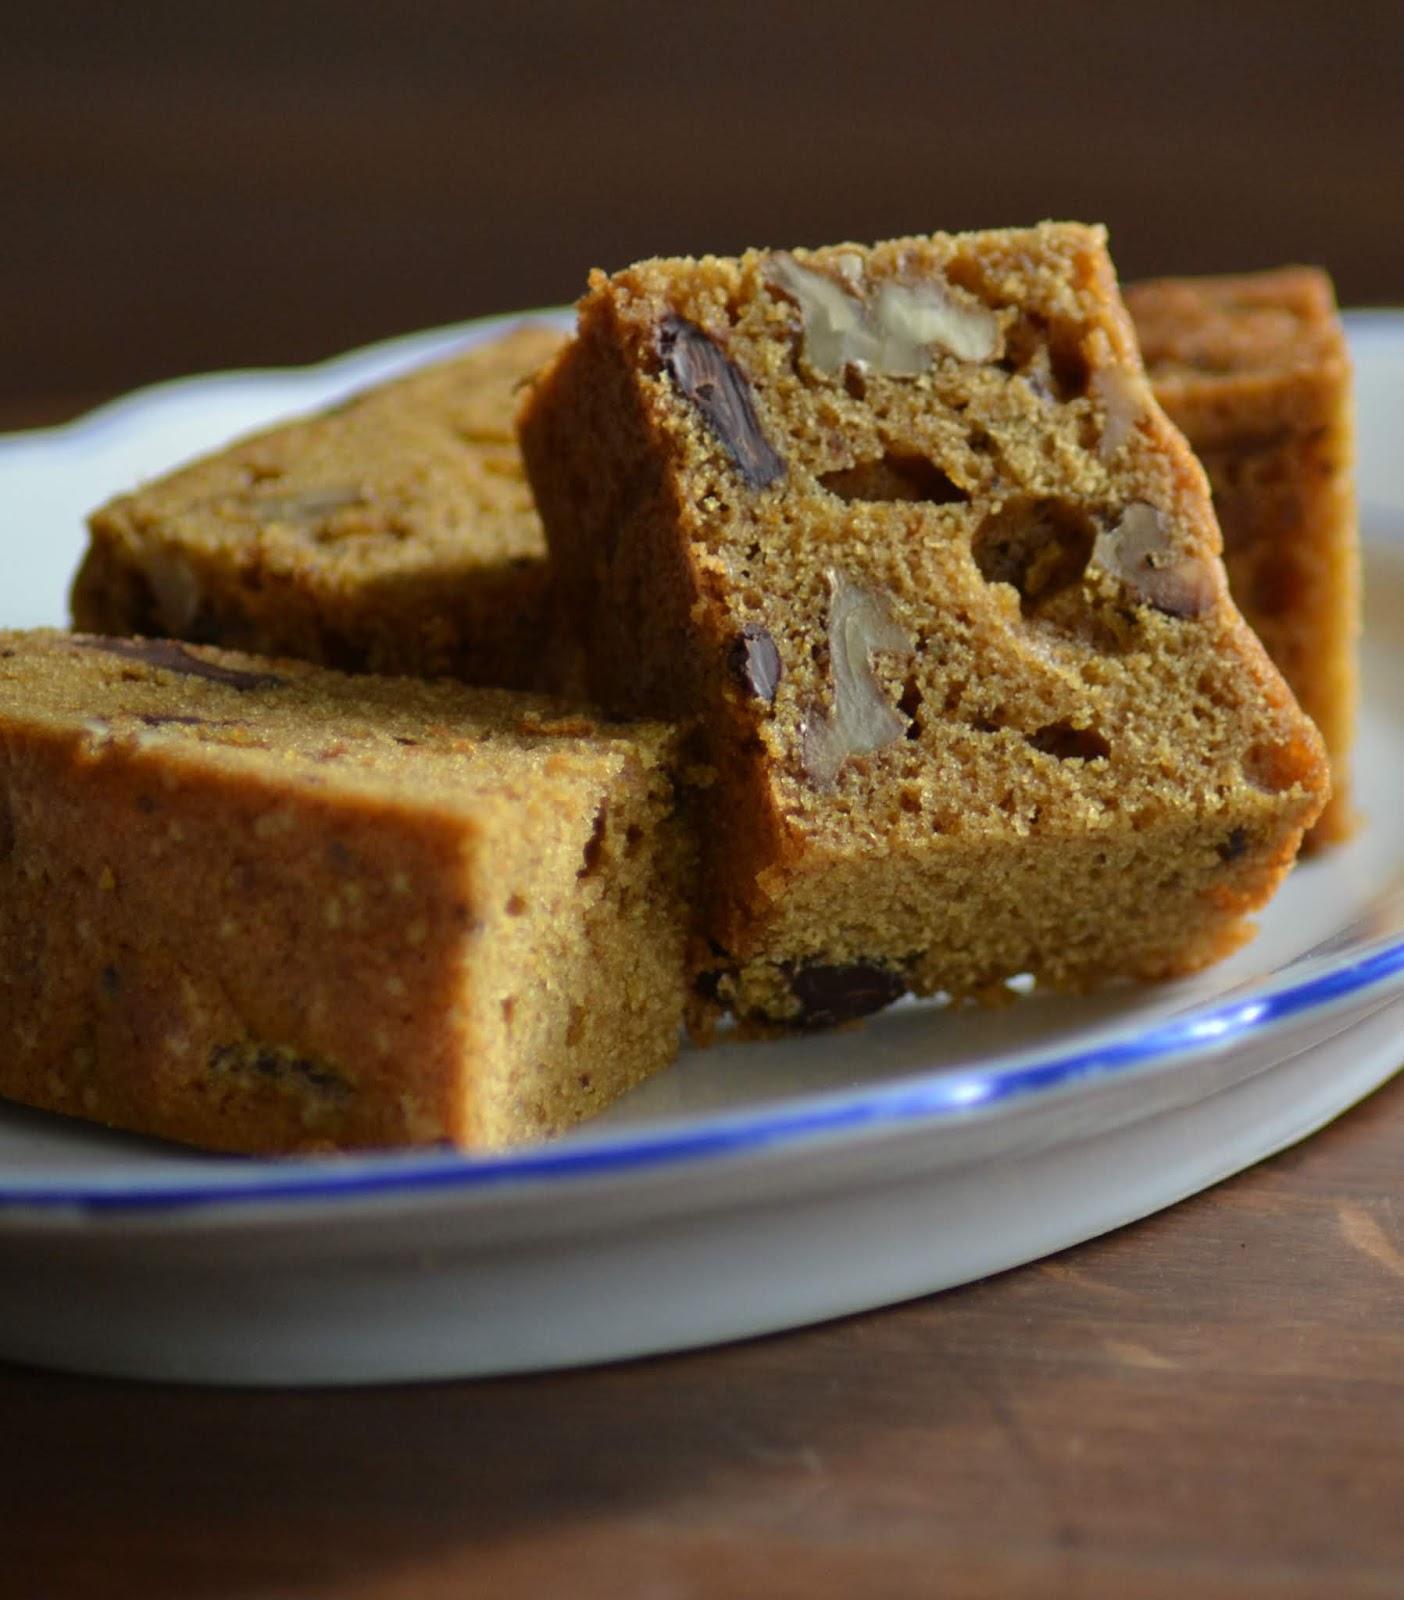 Bekijk het recept voor sinaasappel-chocoladecake